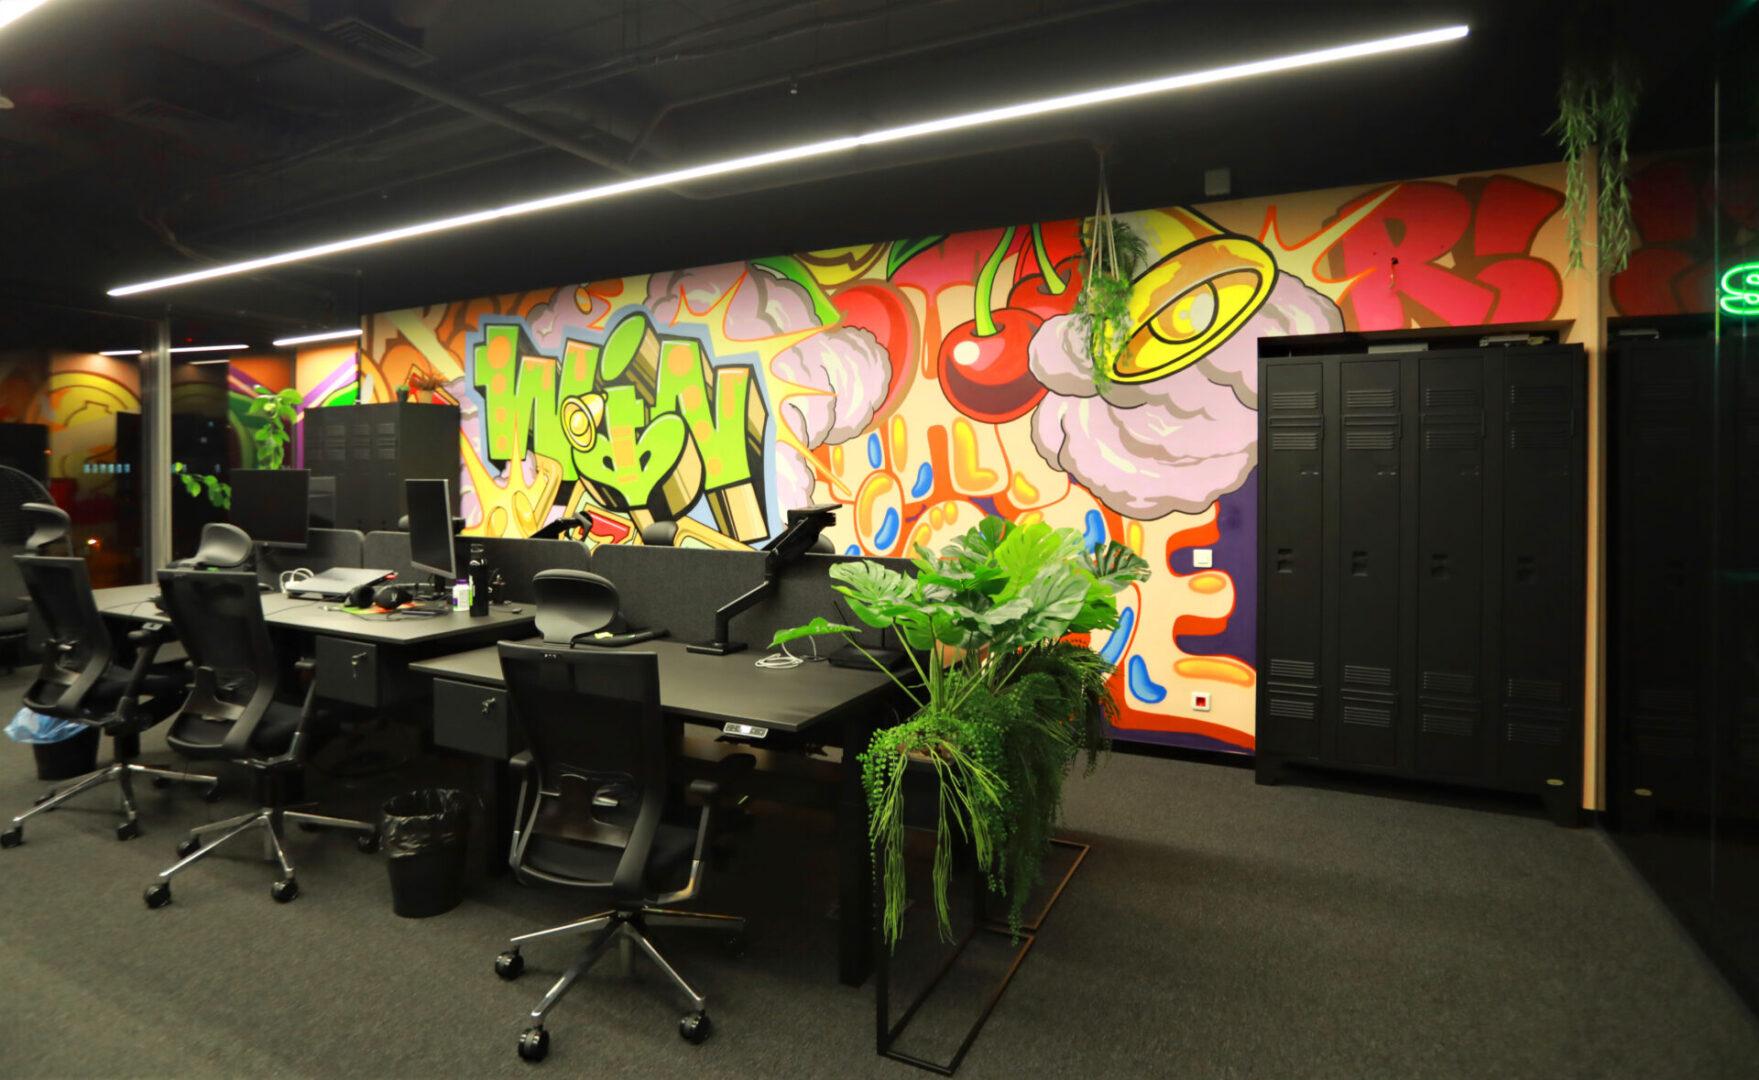 Художественное оформление офиса IT компании (часть 2) UT-ART STUDIO общий план